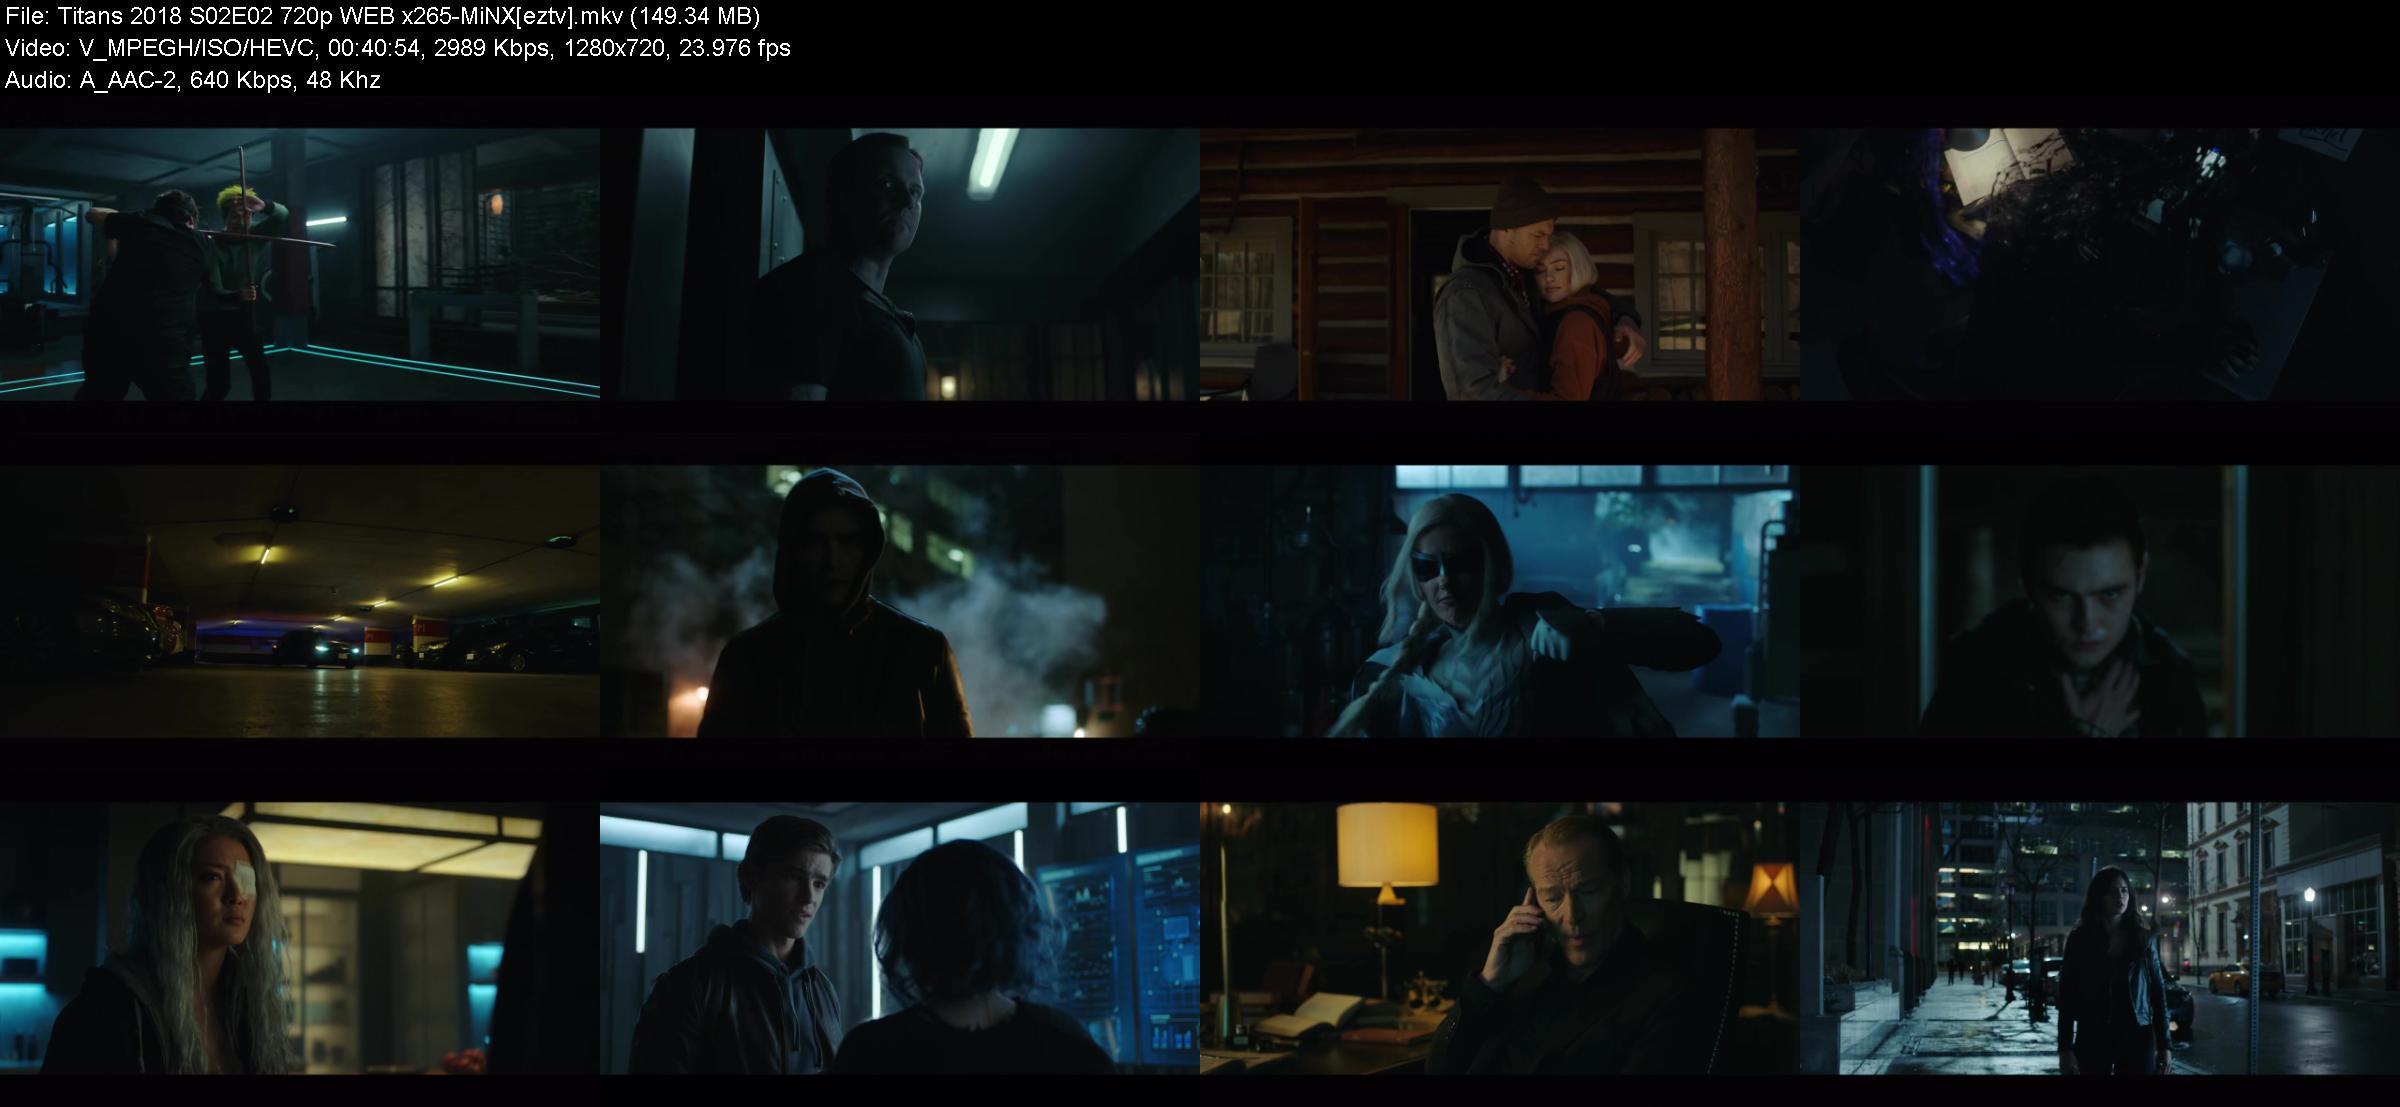 Titans 2018 S02E02 720p WEB x265-MiNX